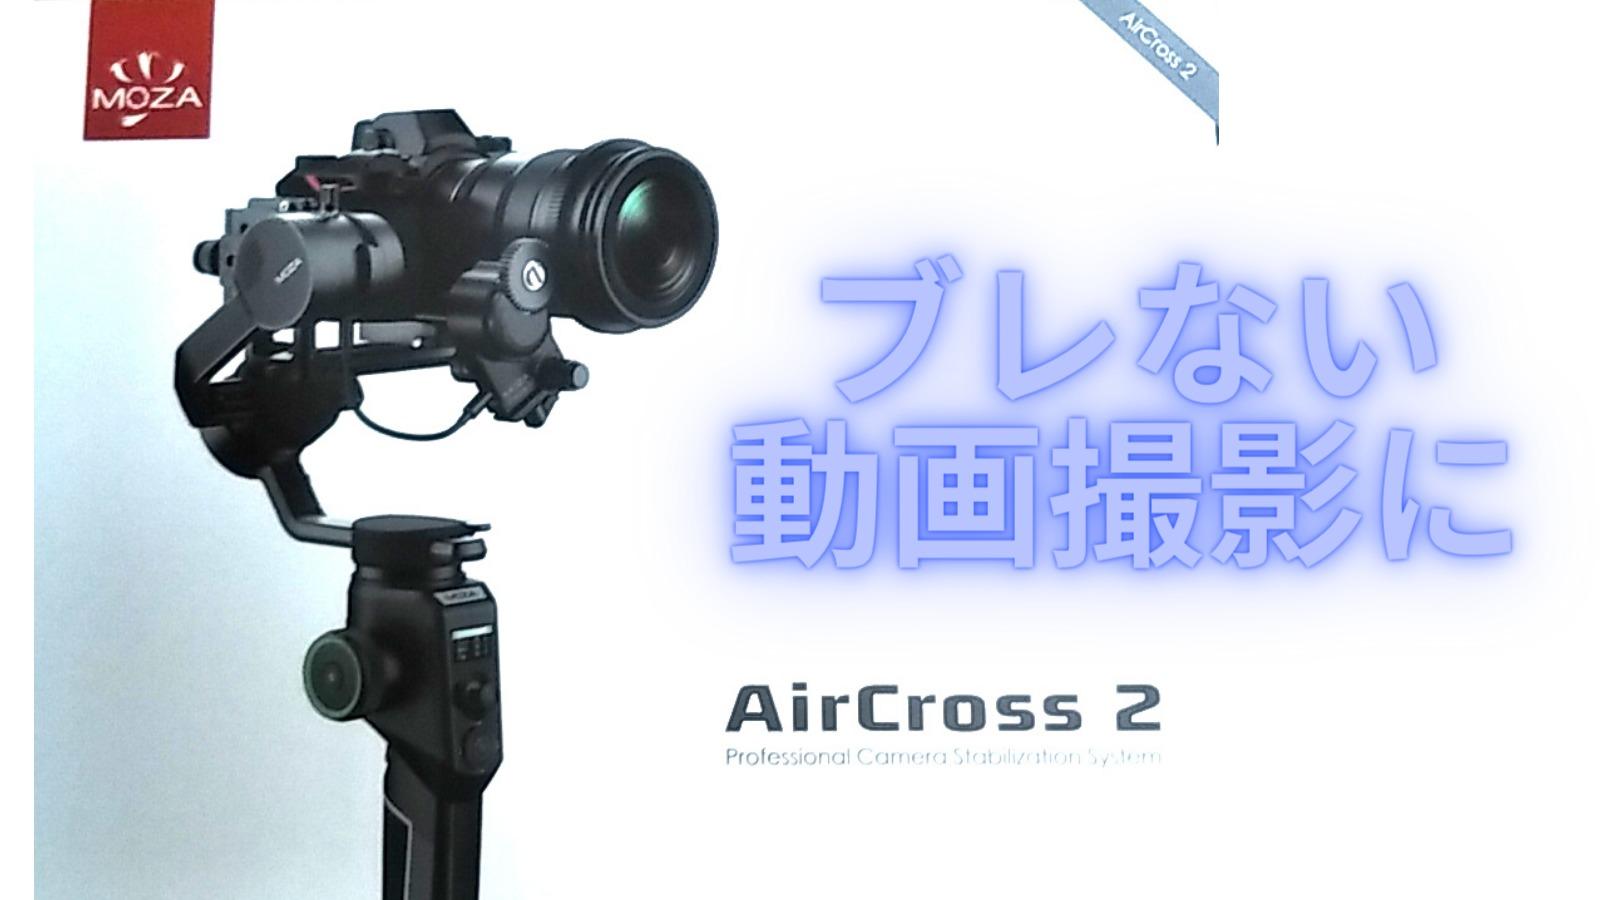 初心者でも手振れ軽減!(動画あり)MOZA AirCross2の良い&気になるポイント